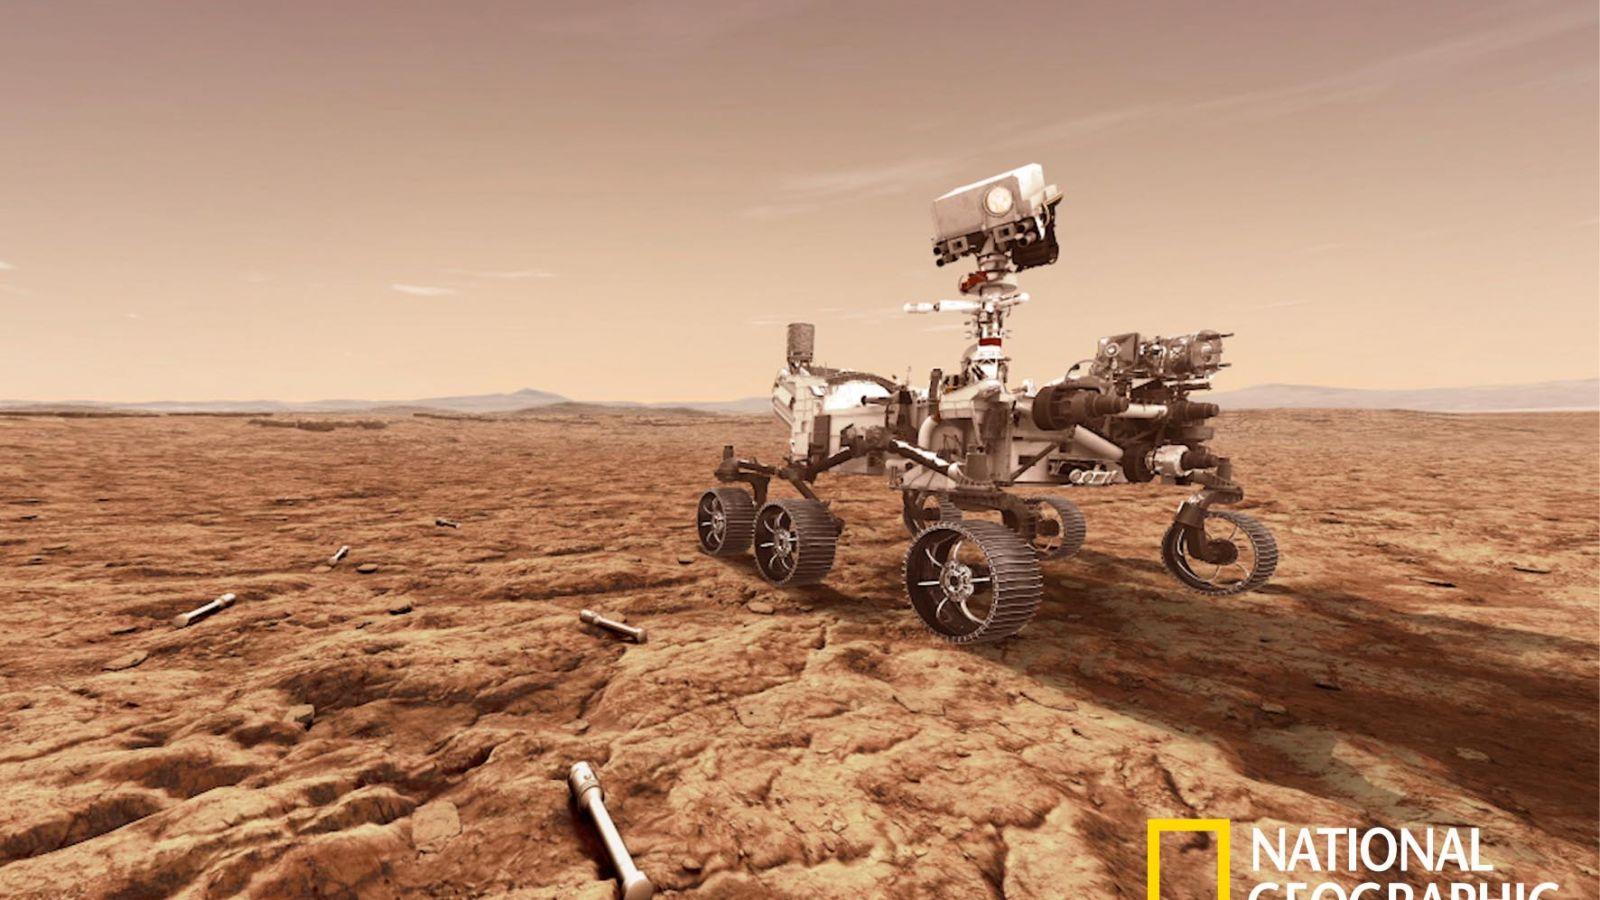 «Perseverance Ρόβερ»: Φτιαγμένο για τον Άρη – Το ντοκιμαντέρ του National Geographic